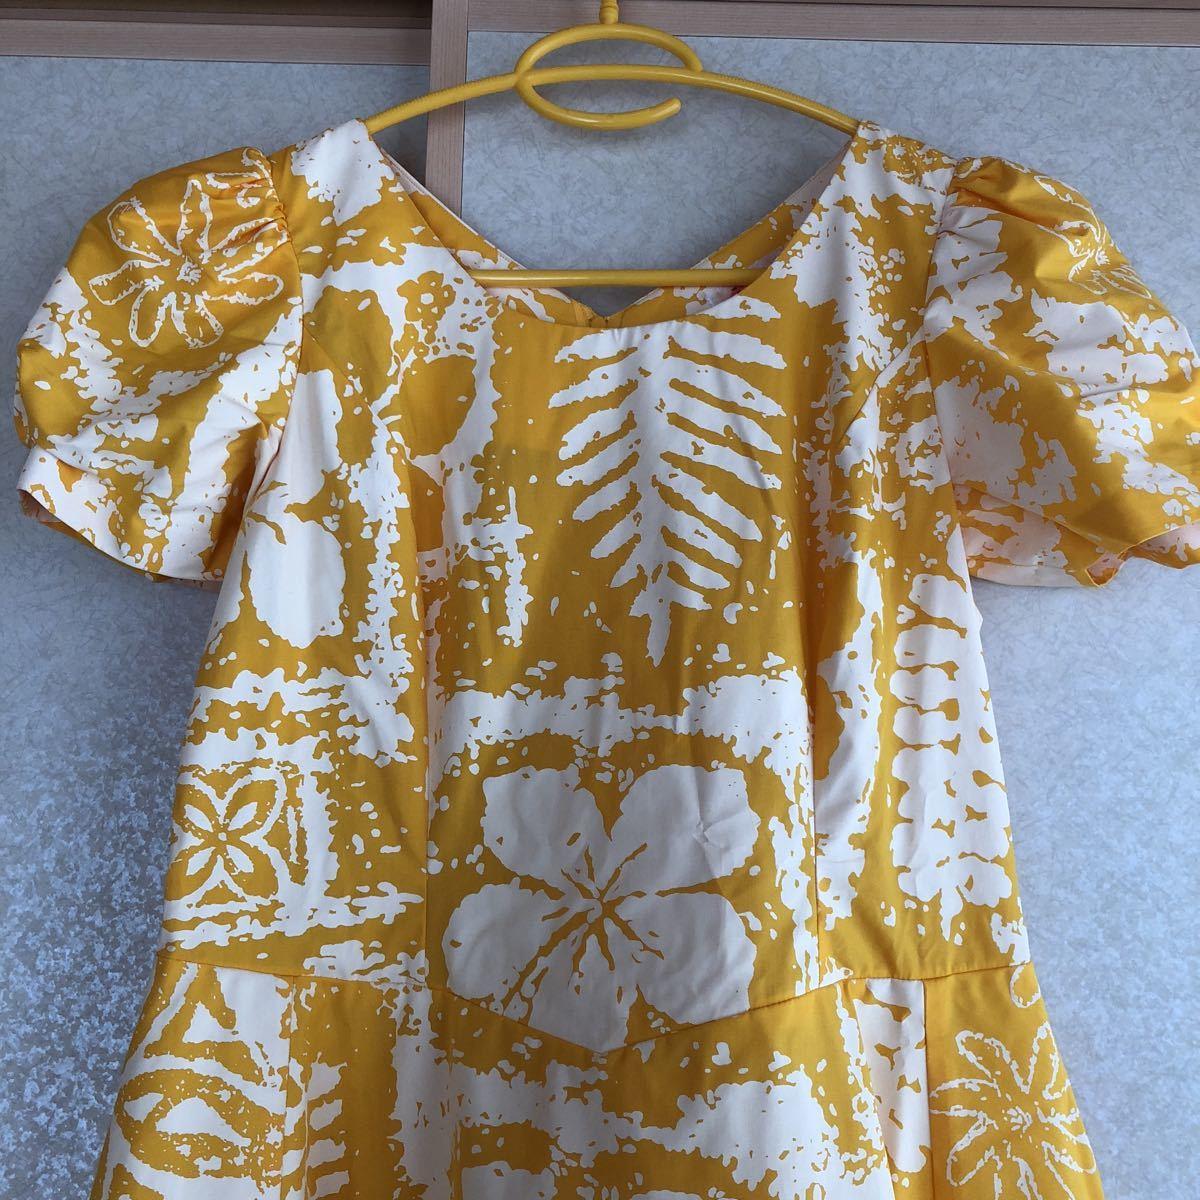 メネフネプランテーション フラ ハワイアン ダンス アロハ ワンピース ドレス 美品 黄色 フレア_画像2